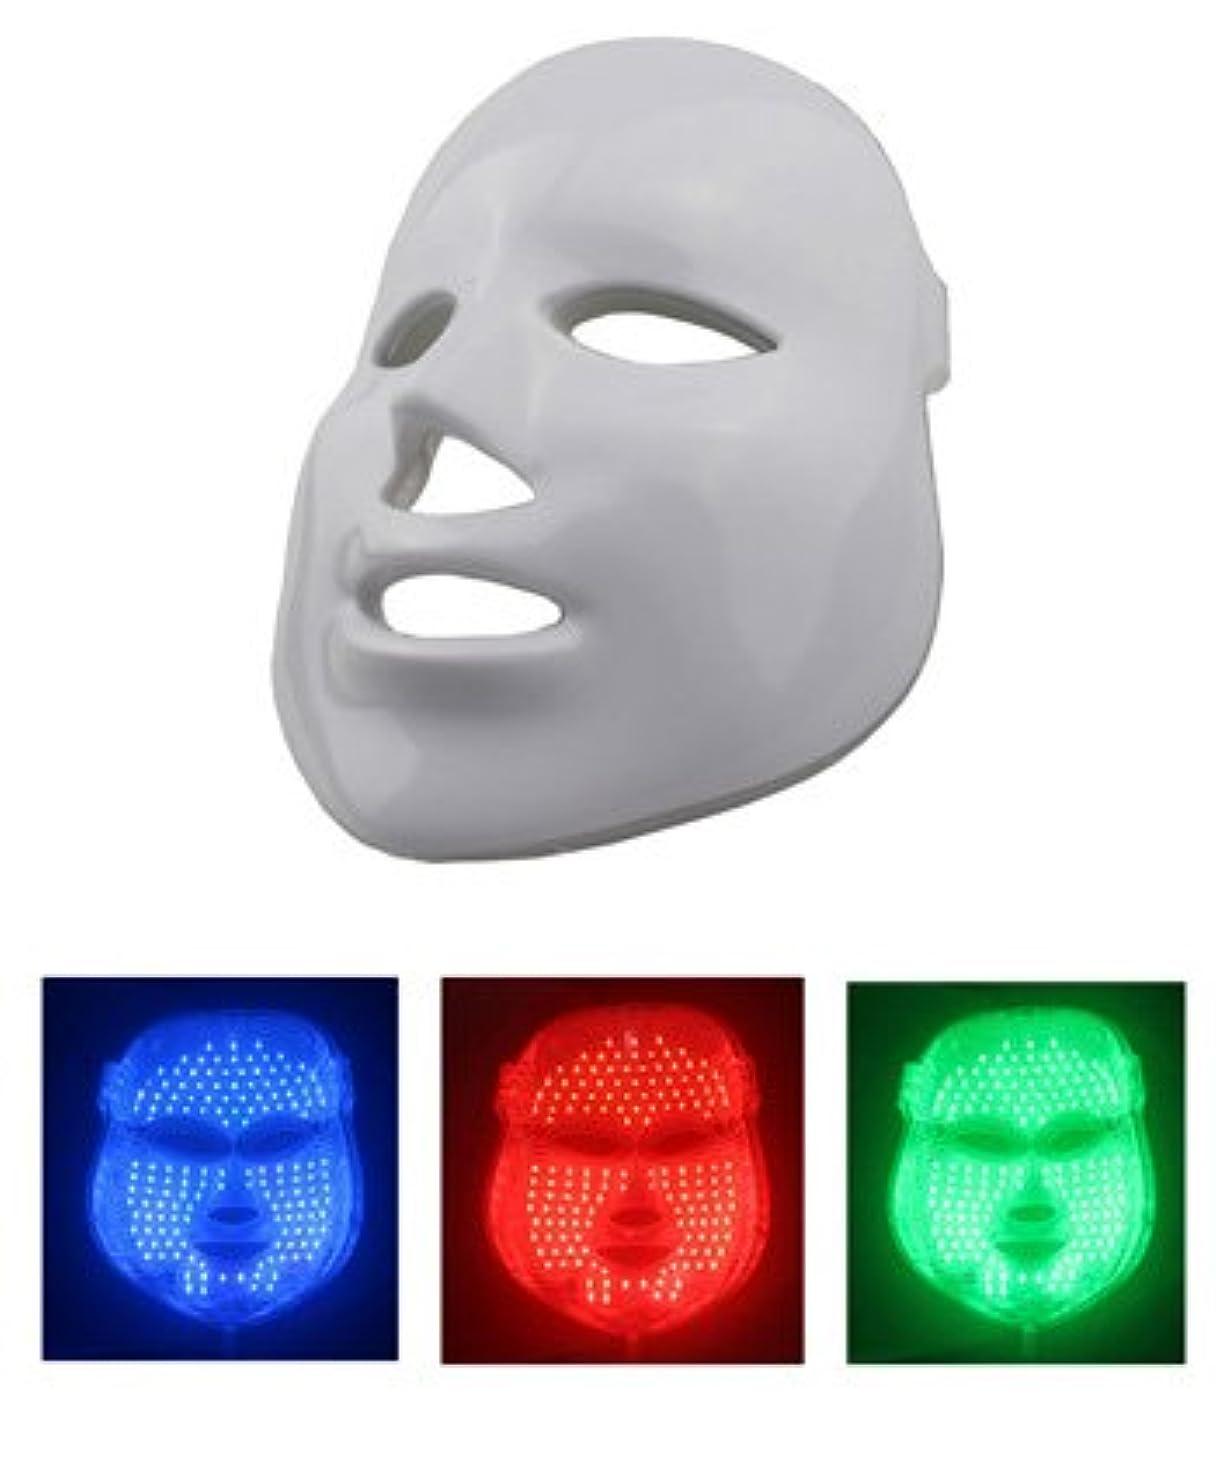 メイン漫画ダーリン美顔 LEDマスク LED美顔器 三色モデル